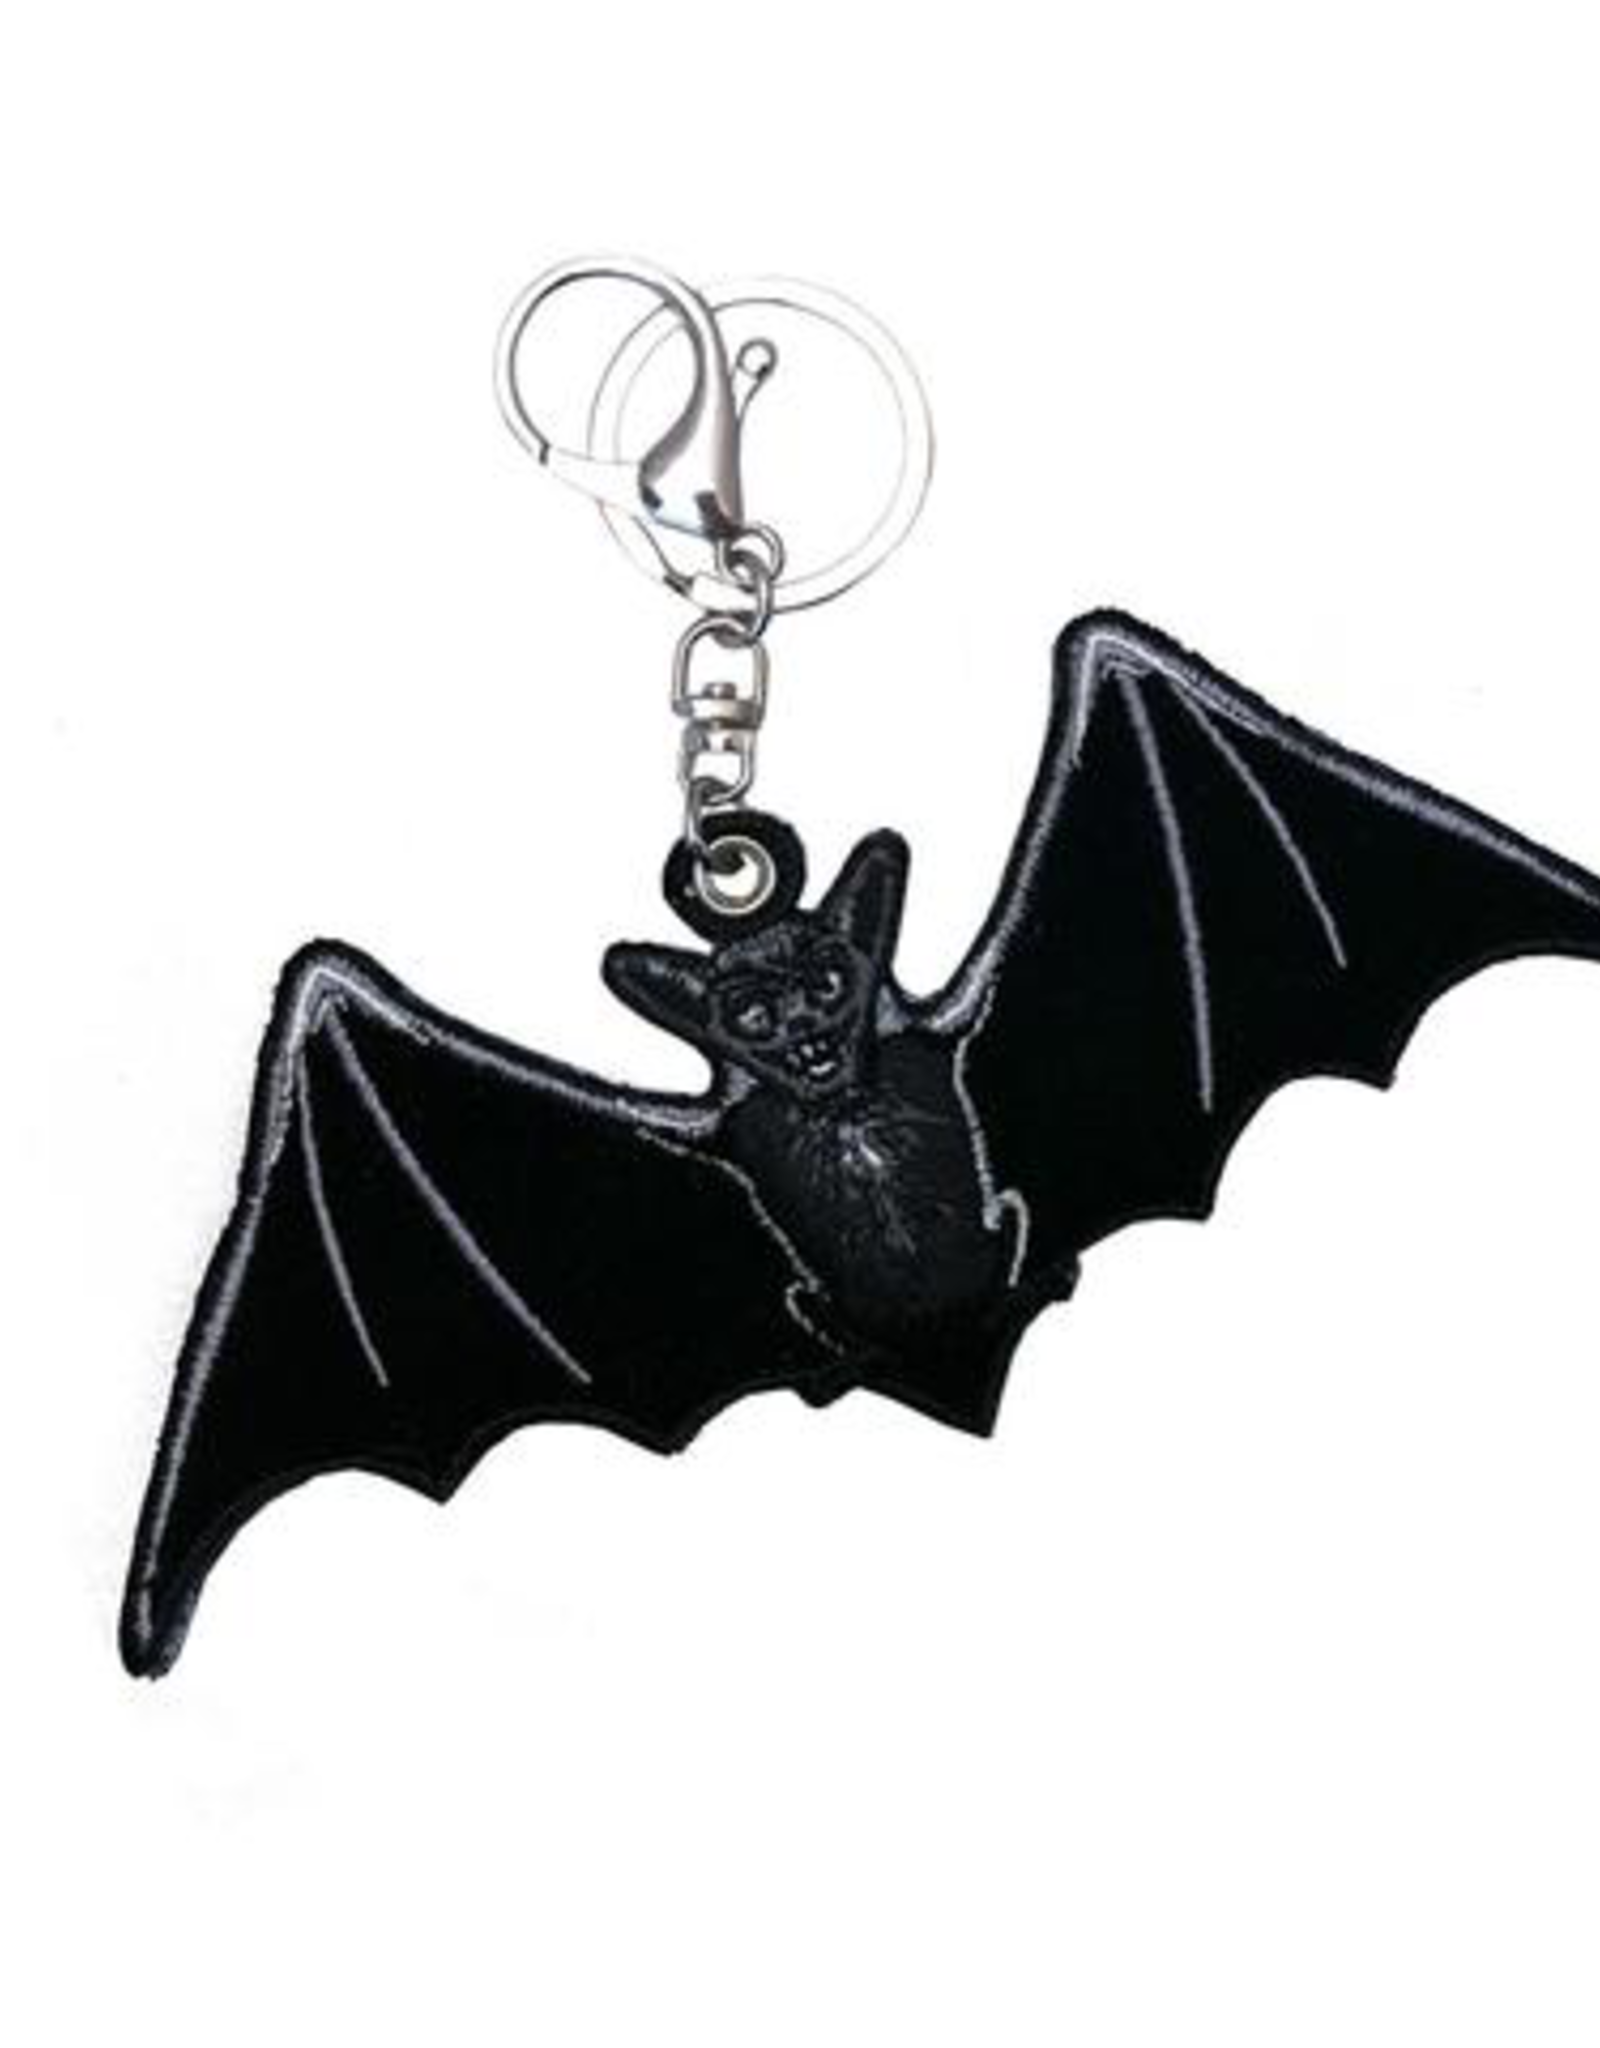 Bat Plush Keychain